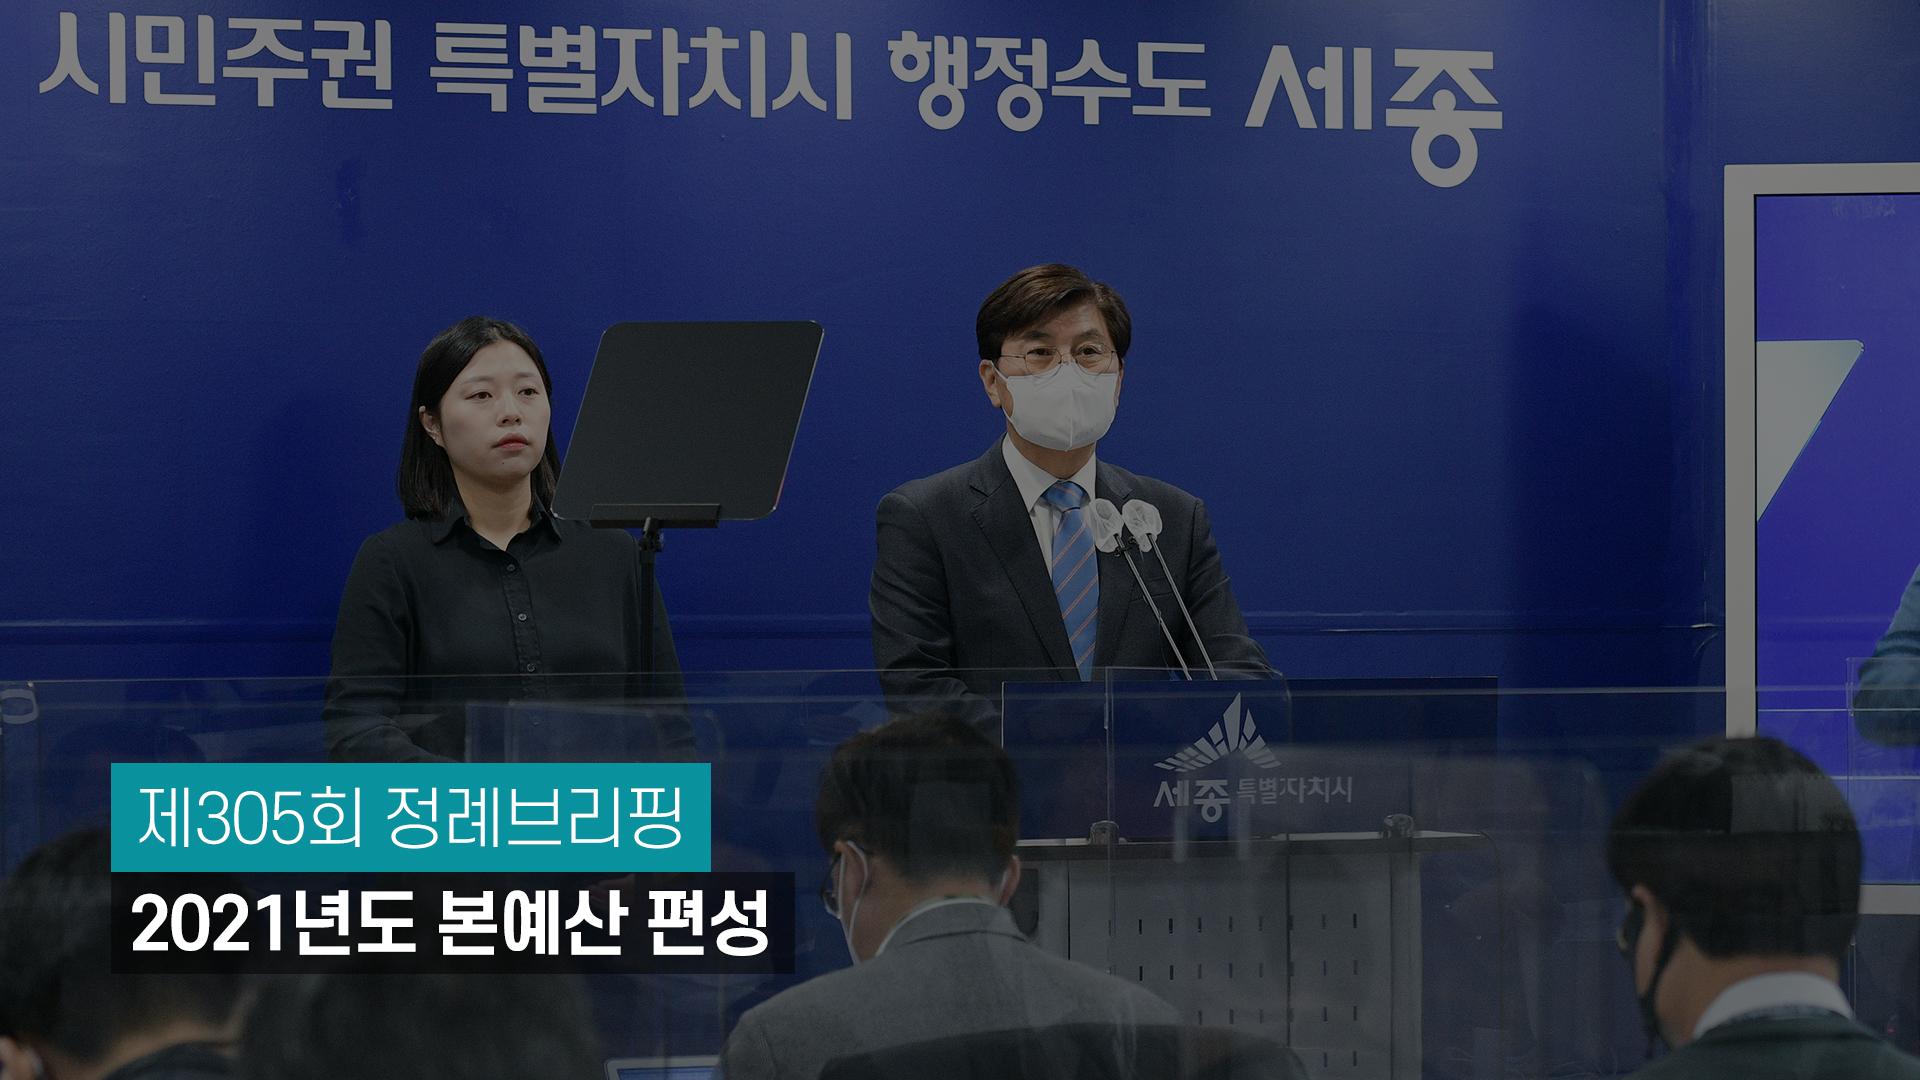 <305번째 정례브리핑> 2021년도 본예산 편성